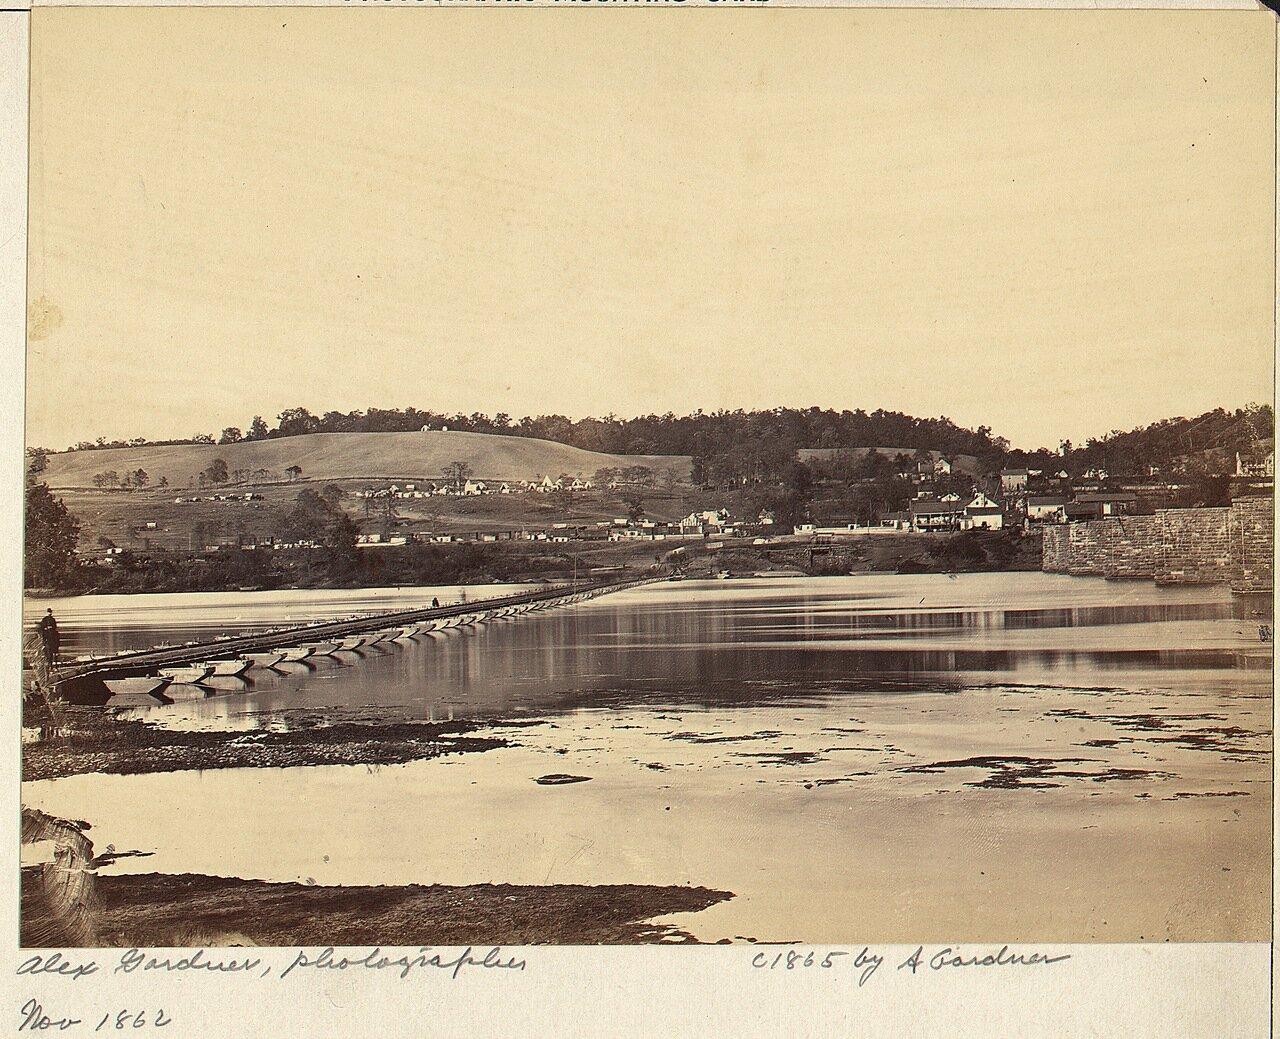 Берлин, Мэриленд. Понтонный мост через Потомак. ноябрь 1862 г.